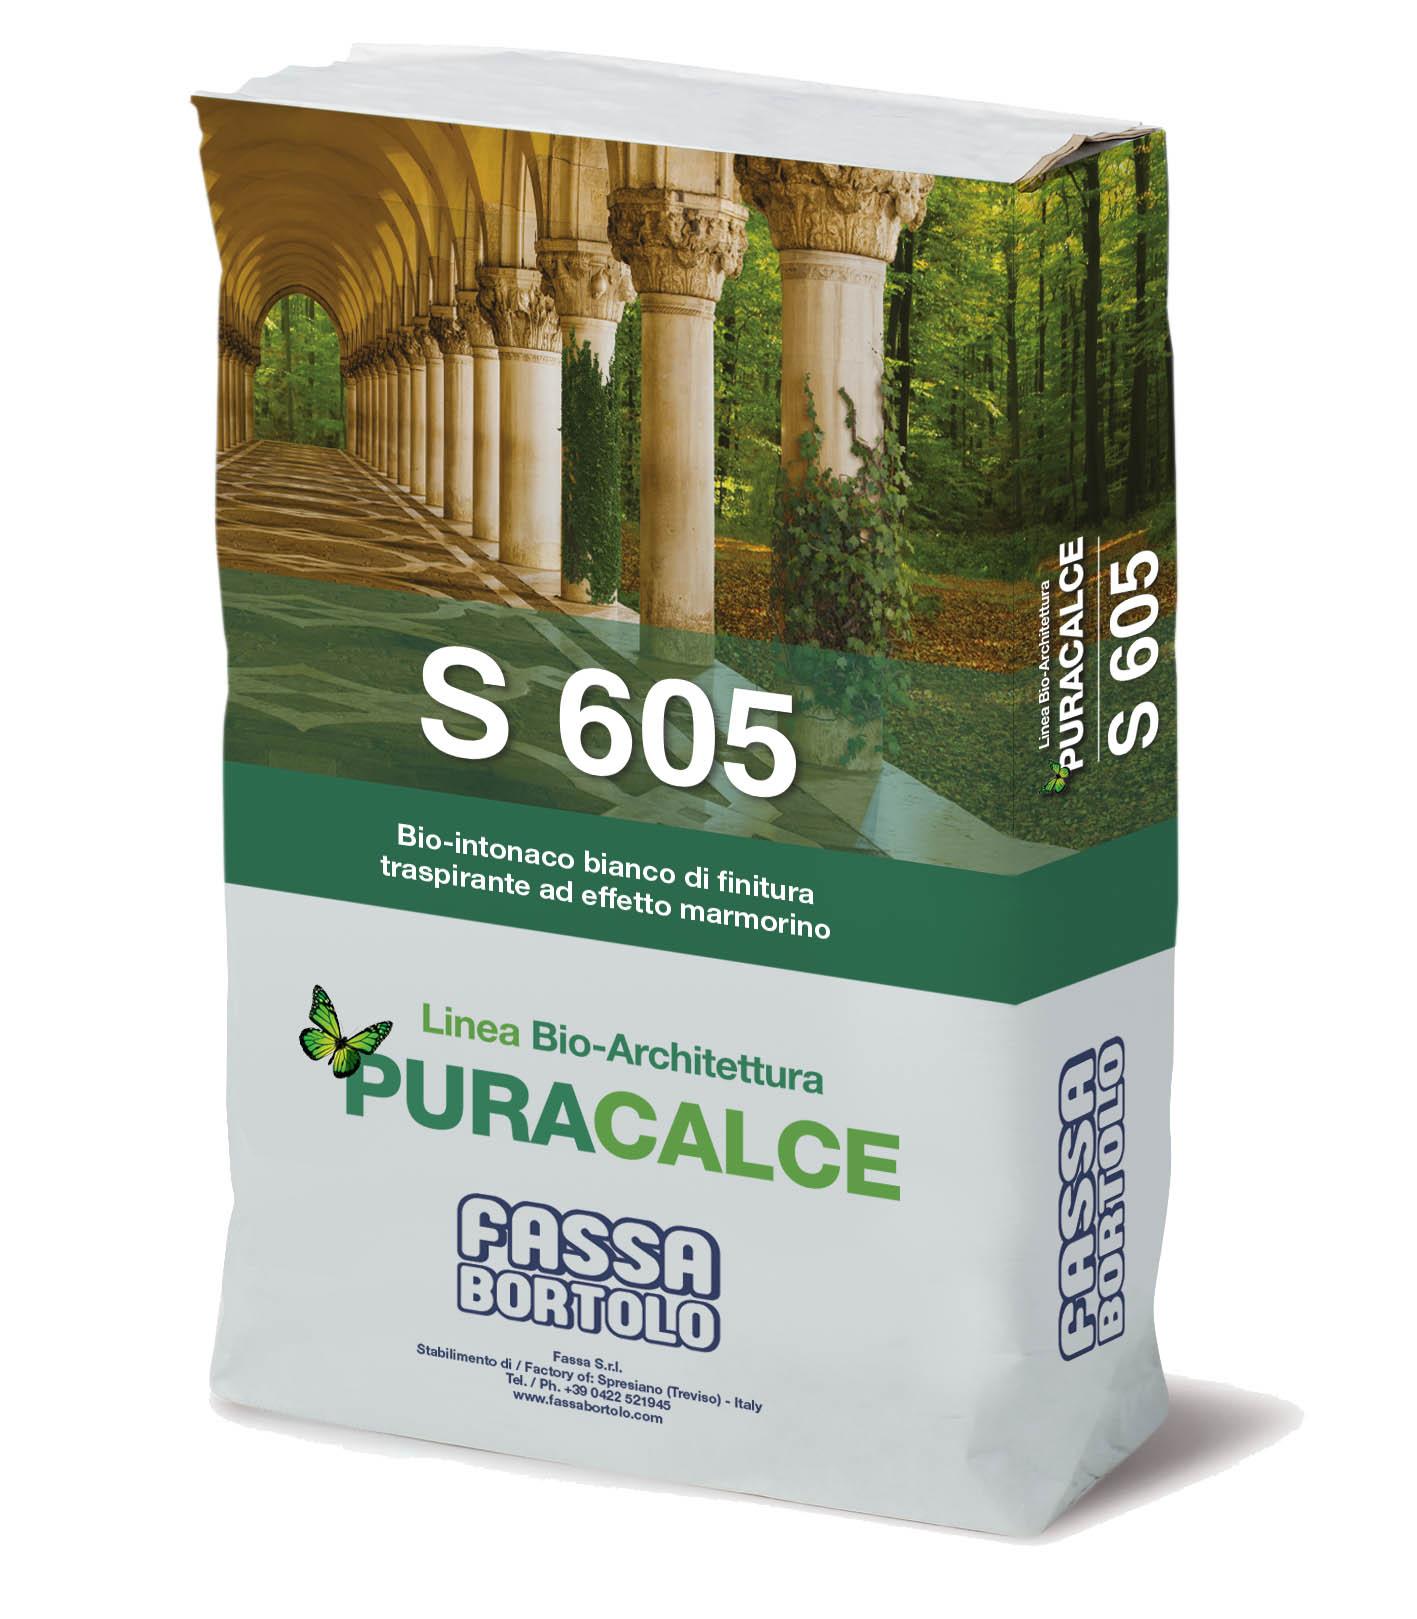 S 605: Bio-reboco branco de acabamento fino para o saneamento de alvenarias, para interior e exterior